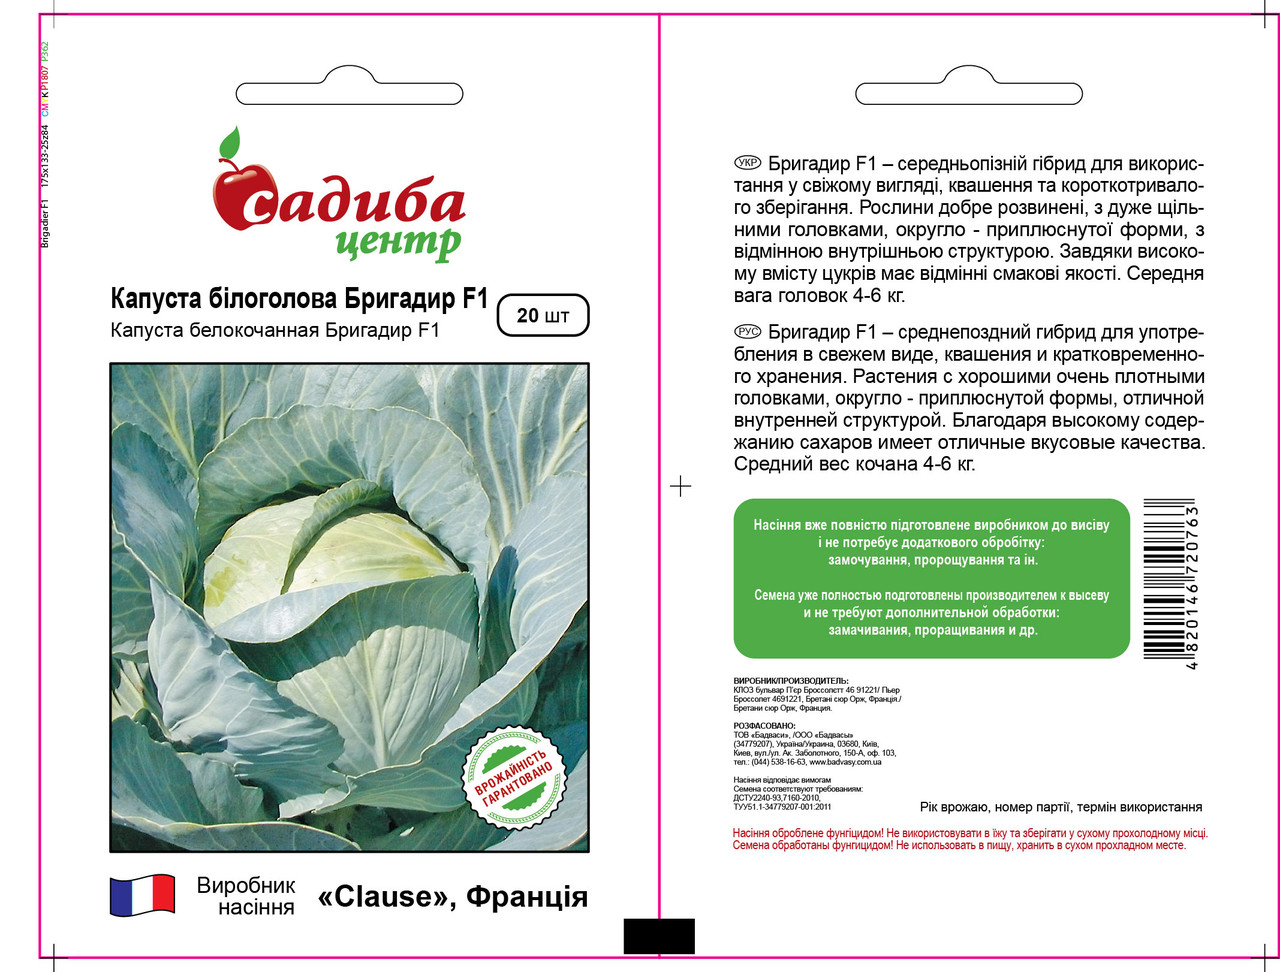 Семена капусты Бригадир F1 (Clause, Садиба Центр), 20 семян — средне-поздняя (110-120 дней), белокочанная